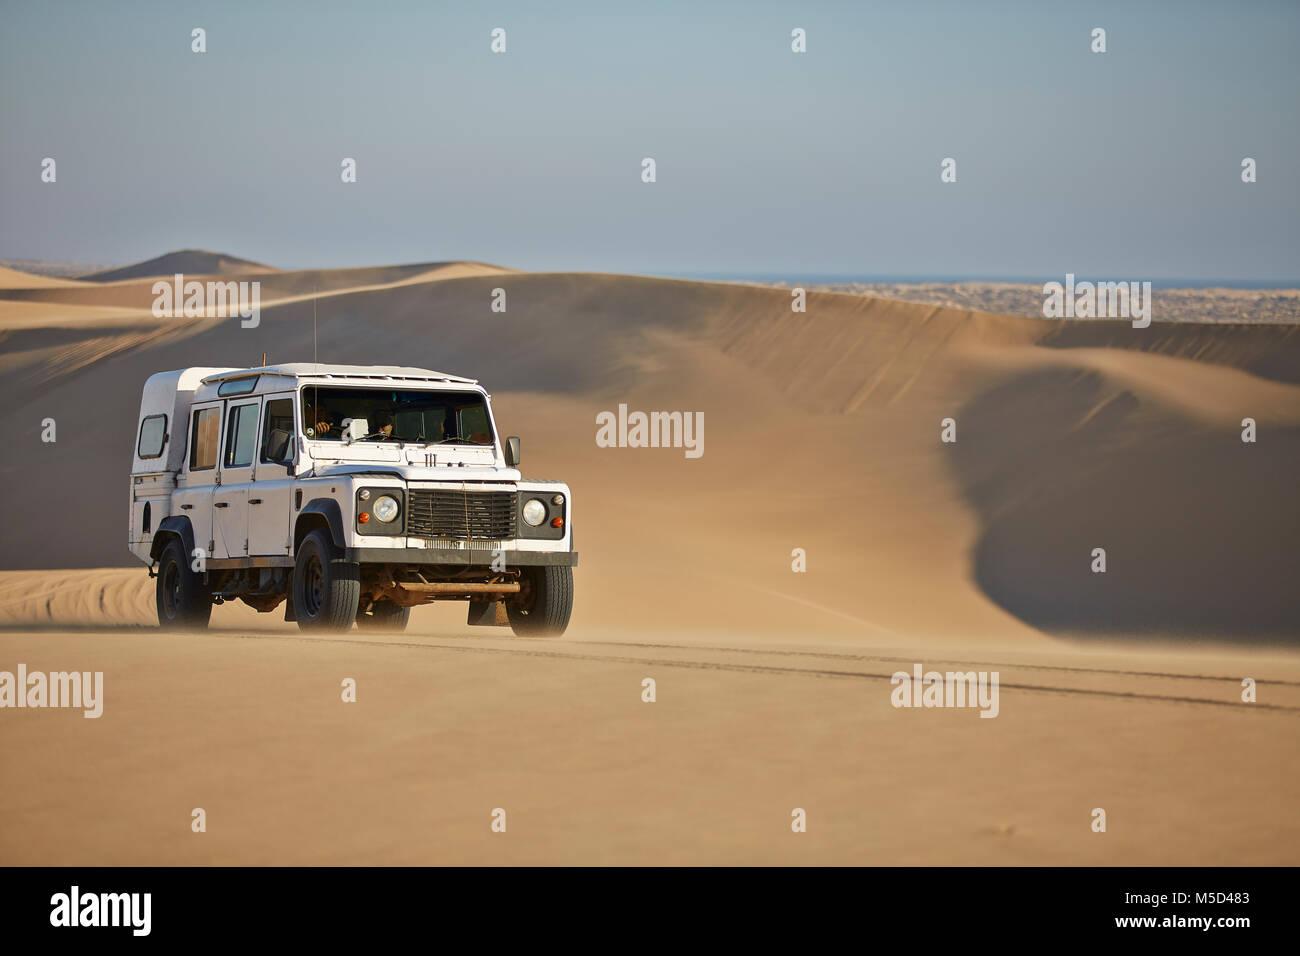 Off-road vehicle drives over sand dunes at Lange Wand on the Atlantic coast, Namib-Naukluft-Park, Namibia - Stock Image